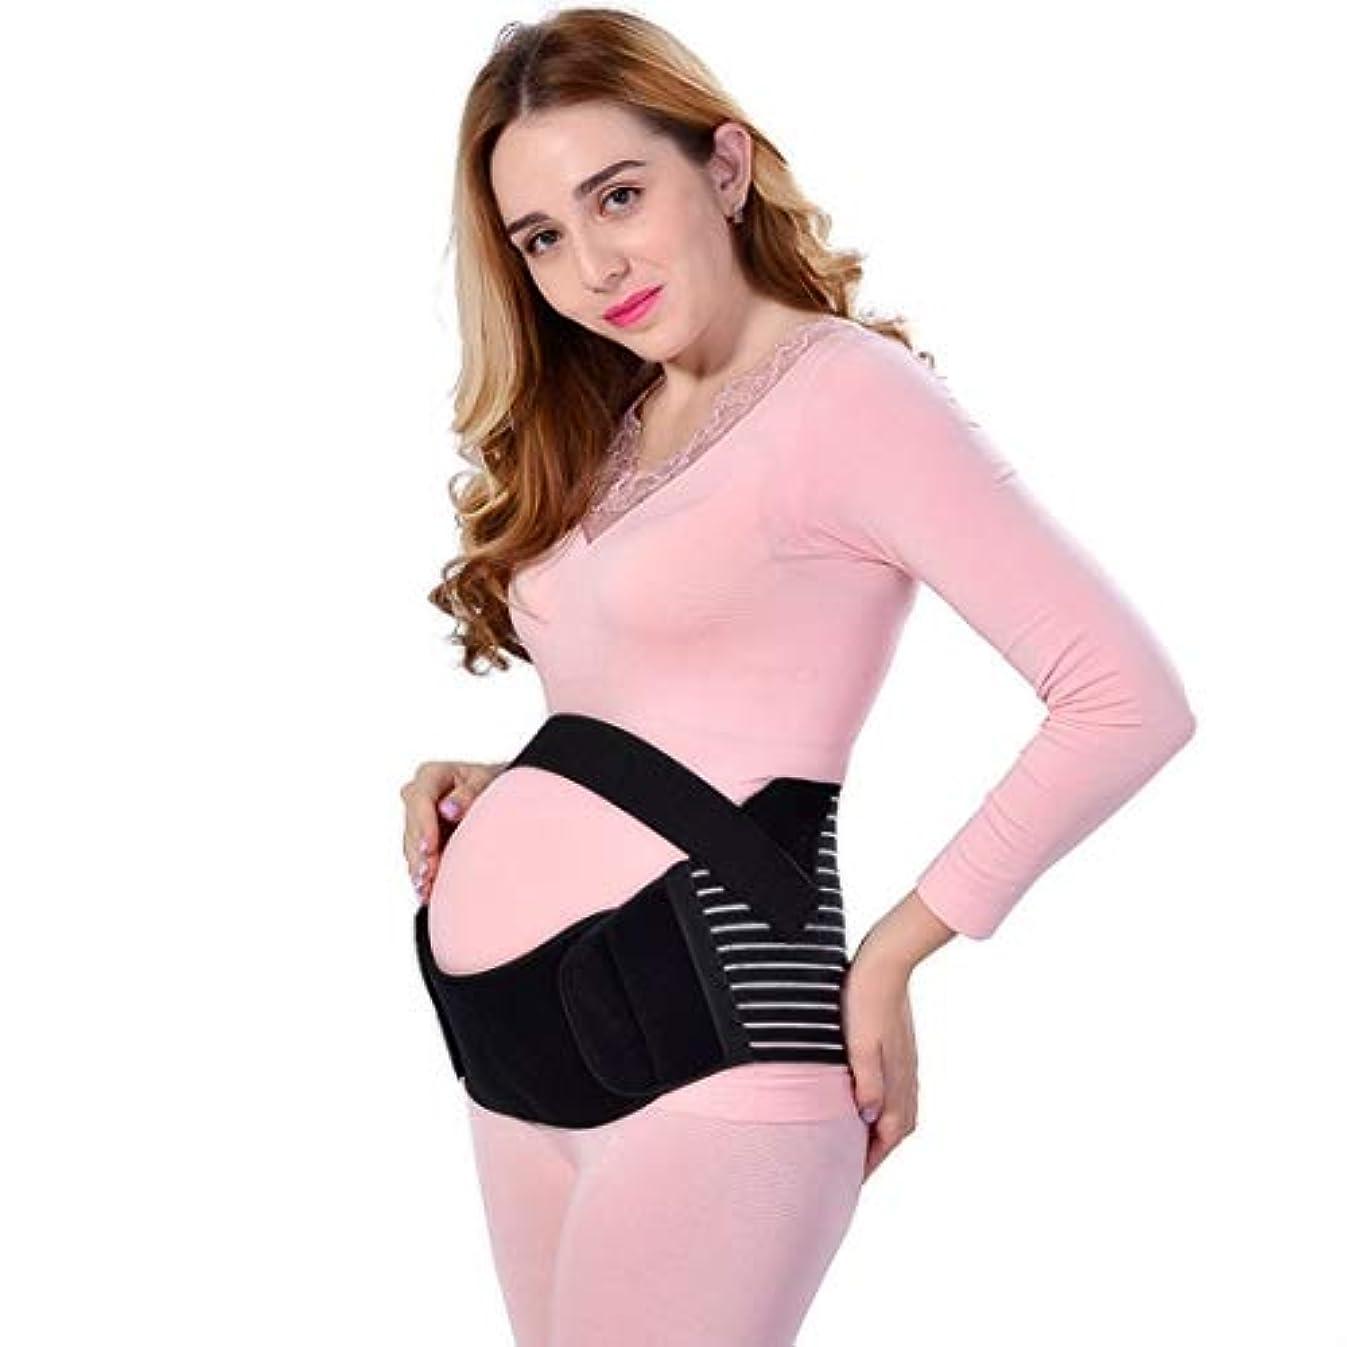 Enerhu 妊婦帯 妊婦サポートベルト ダブルベルト 腹帯 マタニティベルト 通気性 ベルト 骨盤矯正 骨盤補正 妊婦 補助腹帯 簡単装着 産前産後